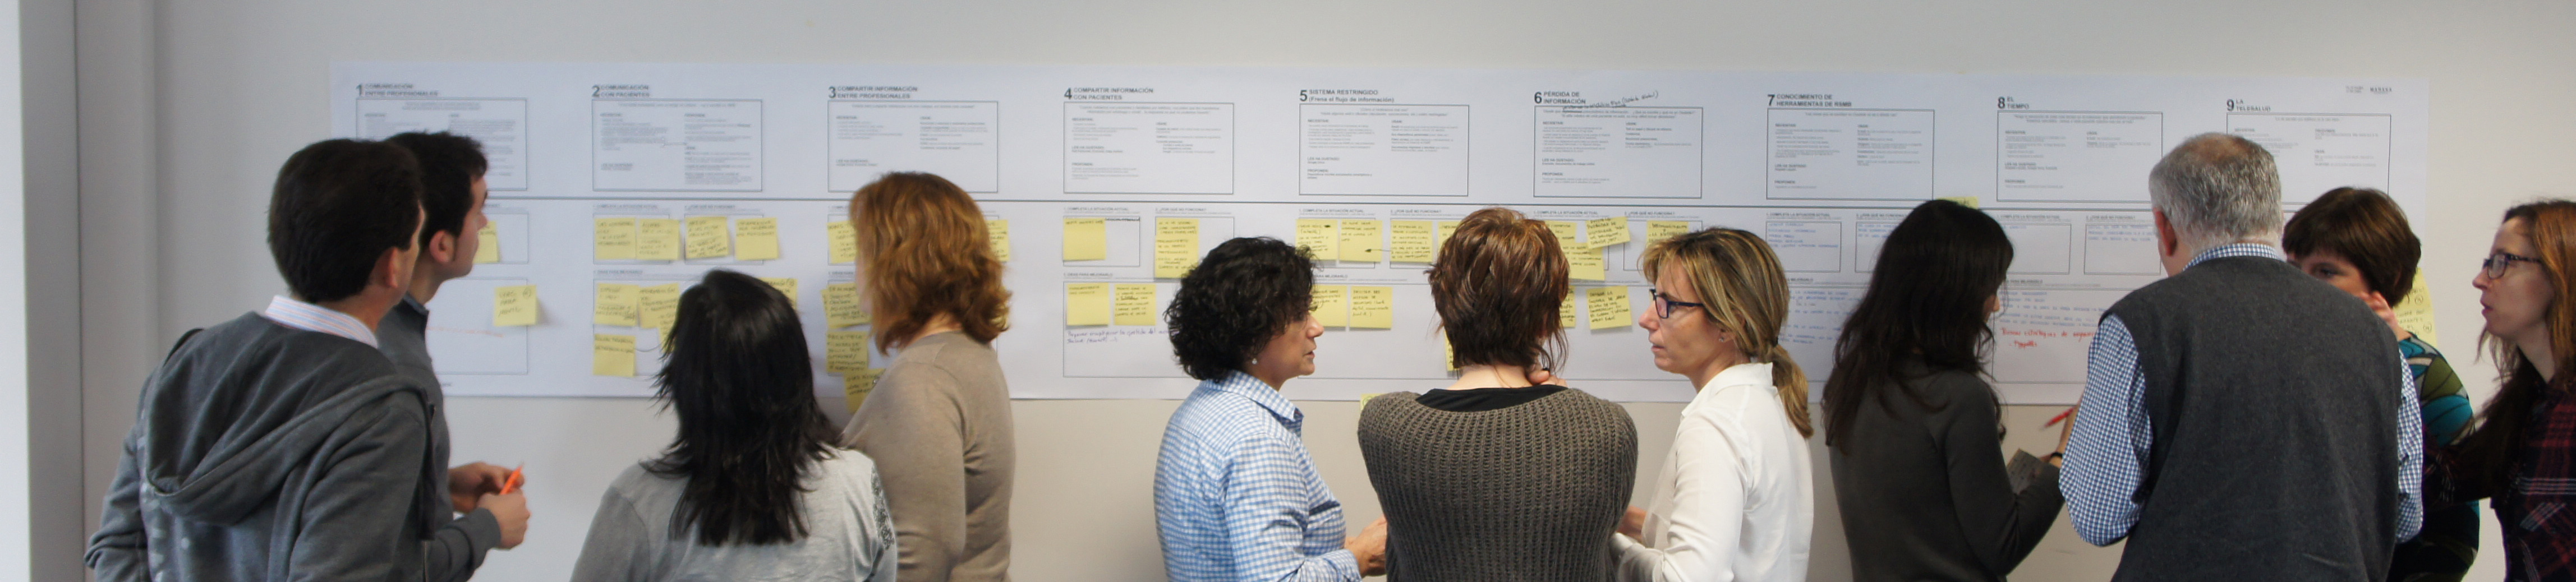 ThinkTIC: Plan de acción para implementar el uso de las TIC en la Red de Salud Mental de Bizkaia (Osakidetza)